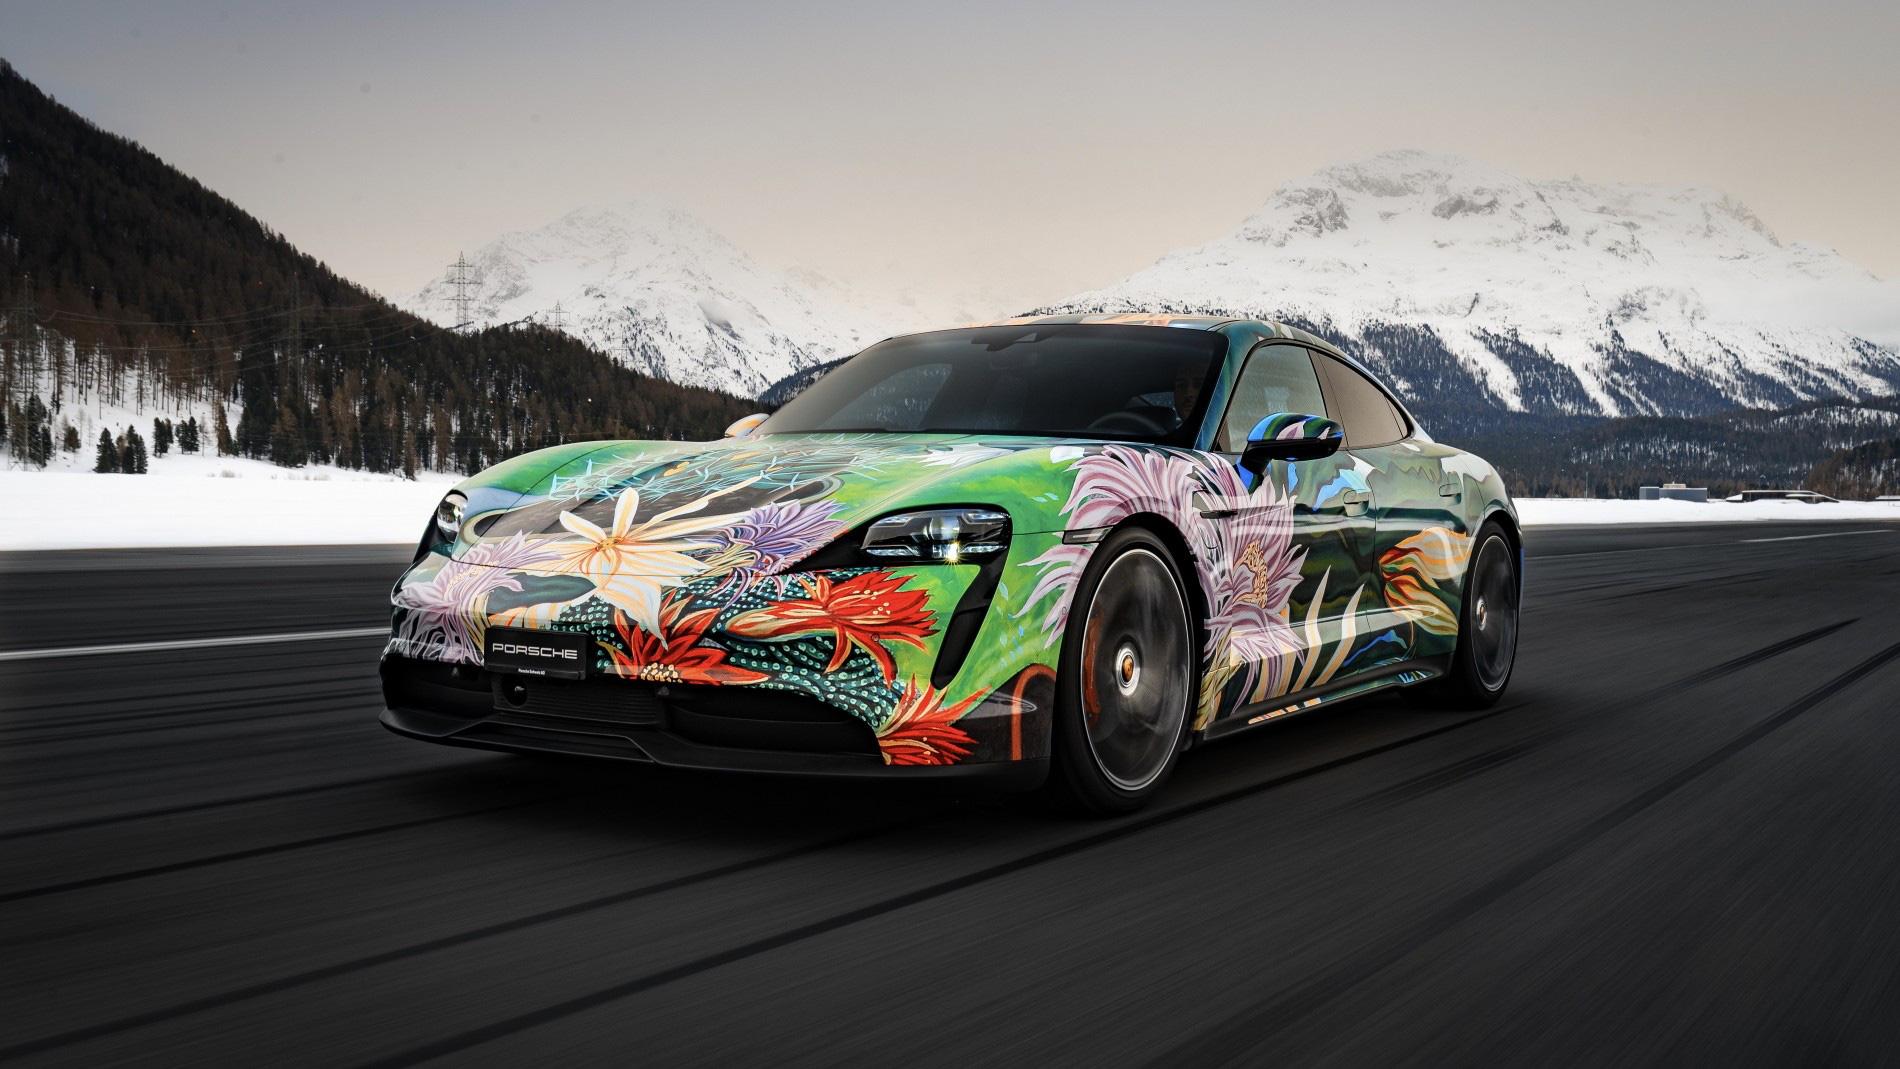 """Siêu xe nghệ thuật Porsche Taycan """"Nữ Hoàng Bóng Đêm"""" được bán với giá 200.000 USD - Ảnh 2."""